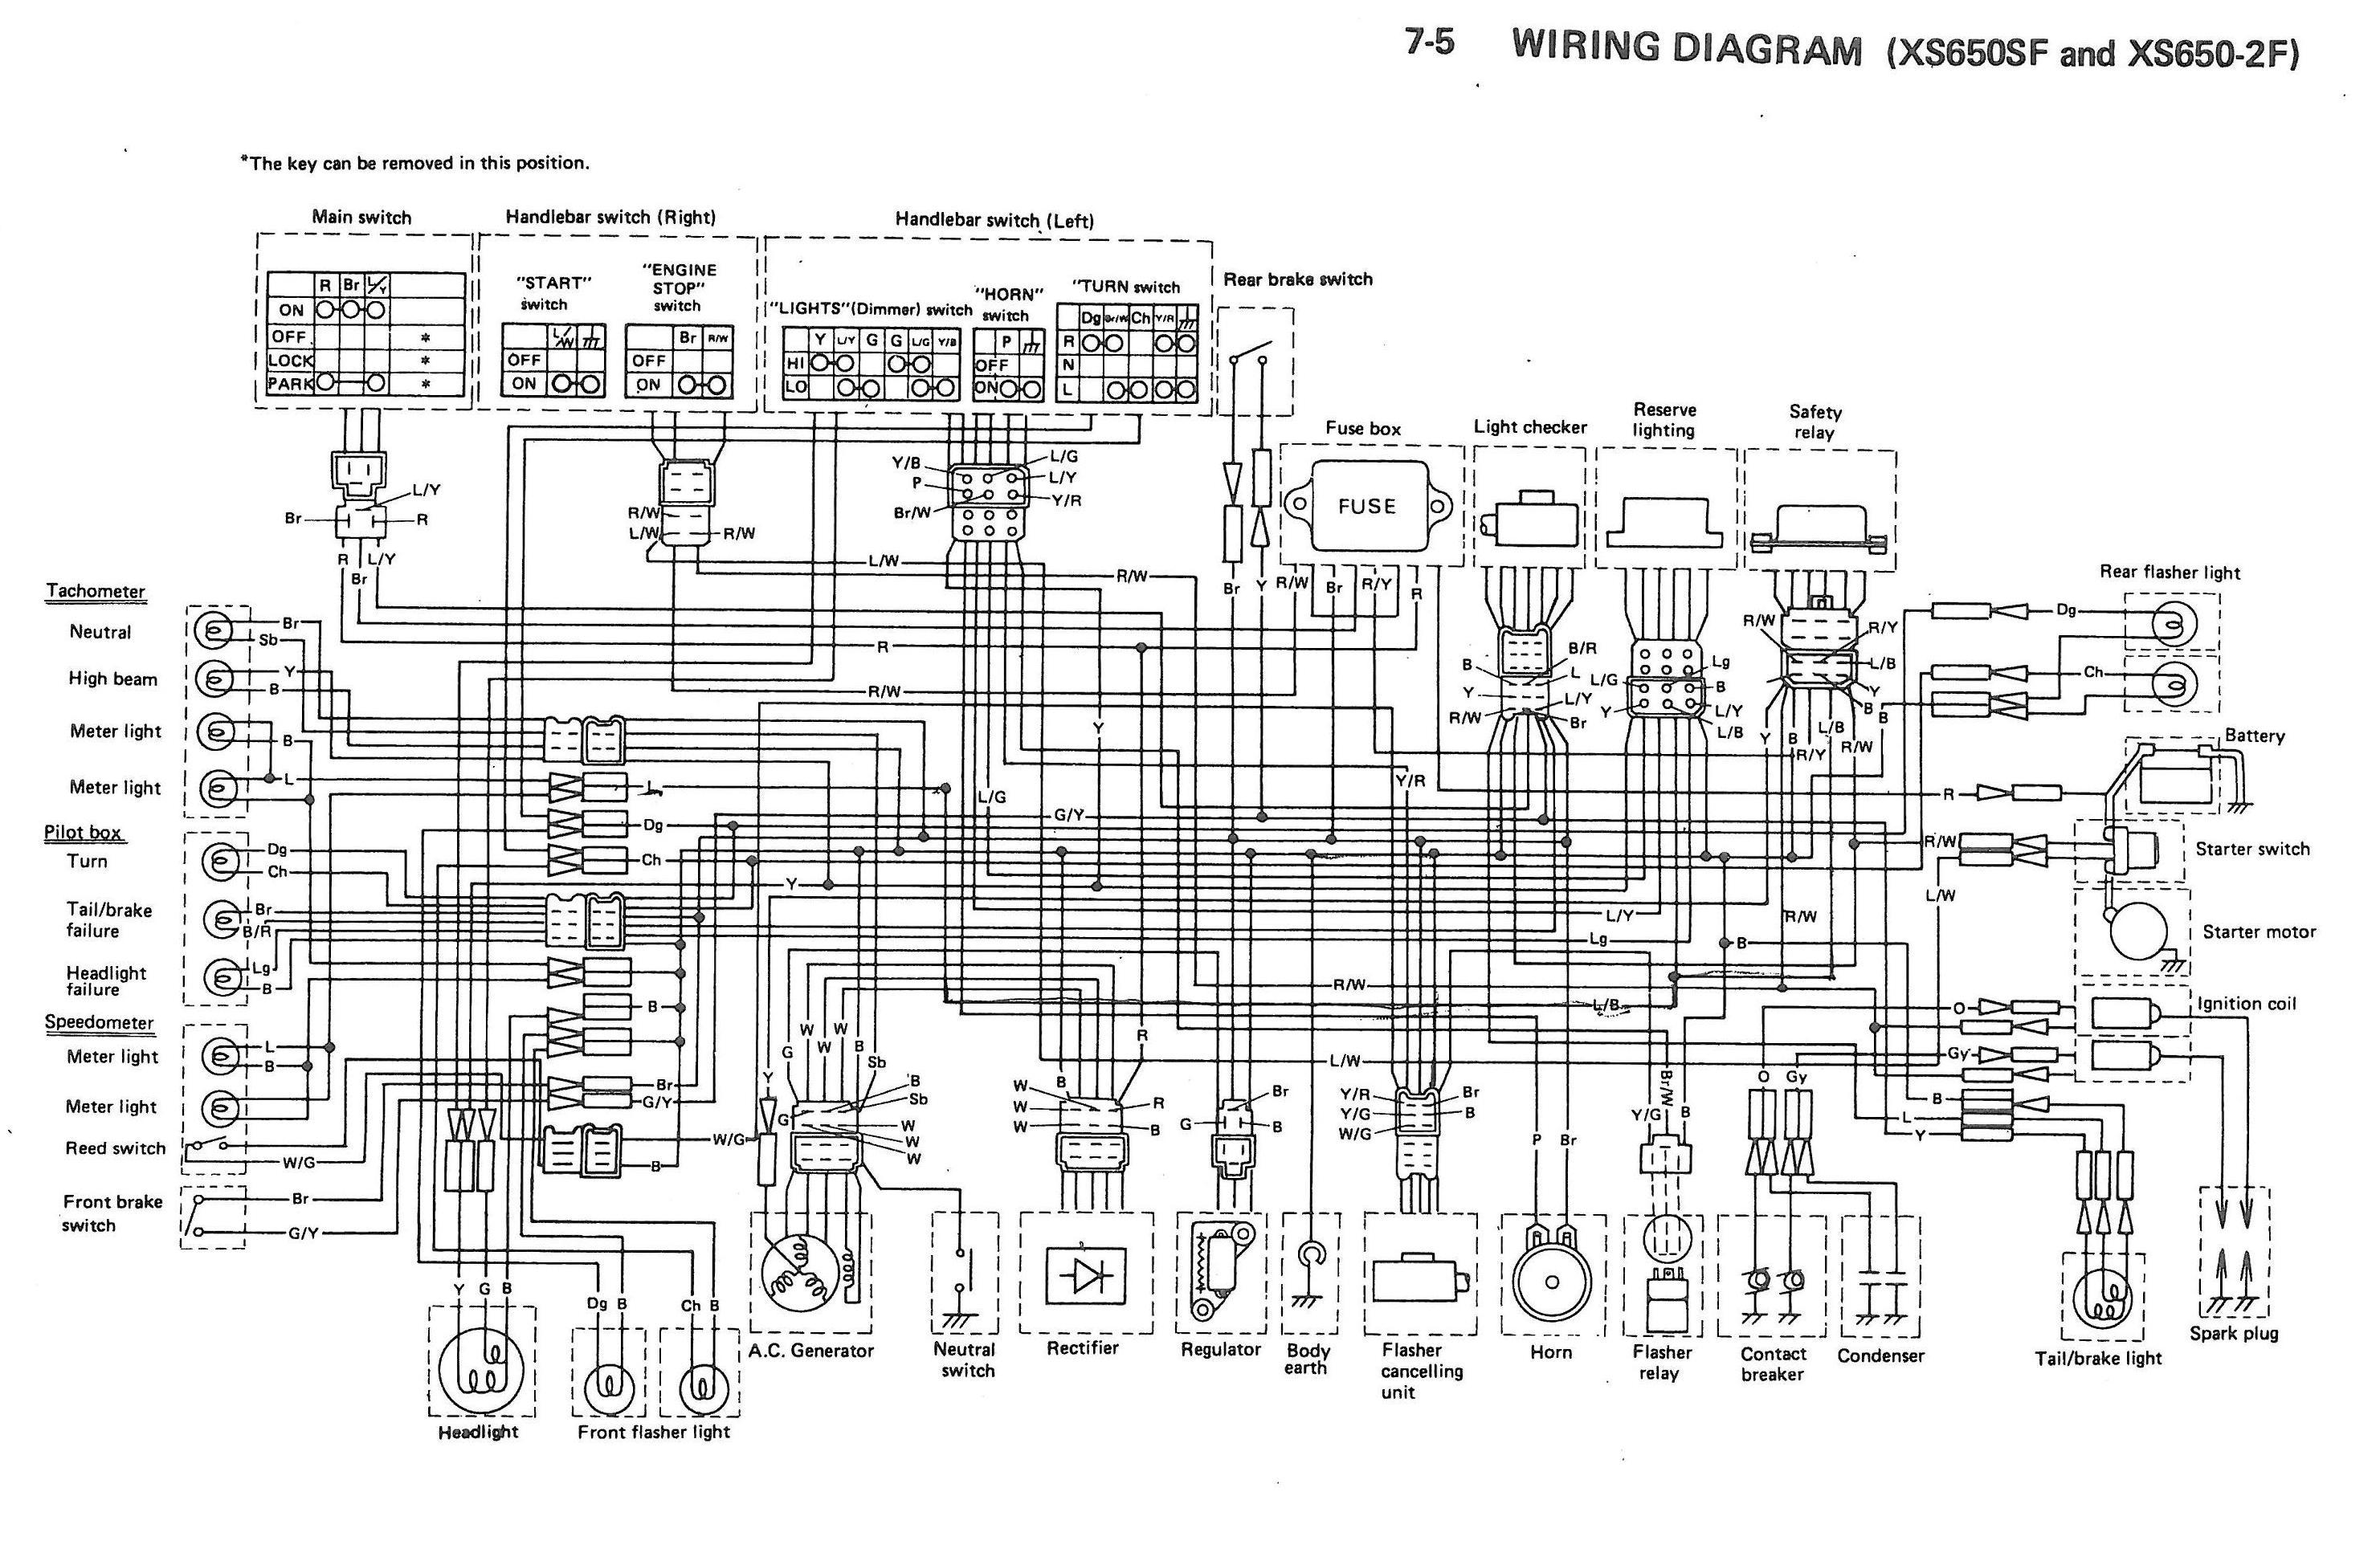 Xs650 Basic Wiring Diagram | Wiring Diagram on